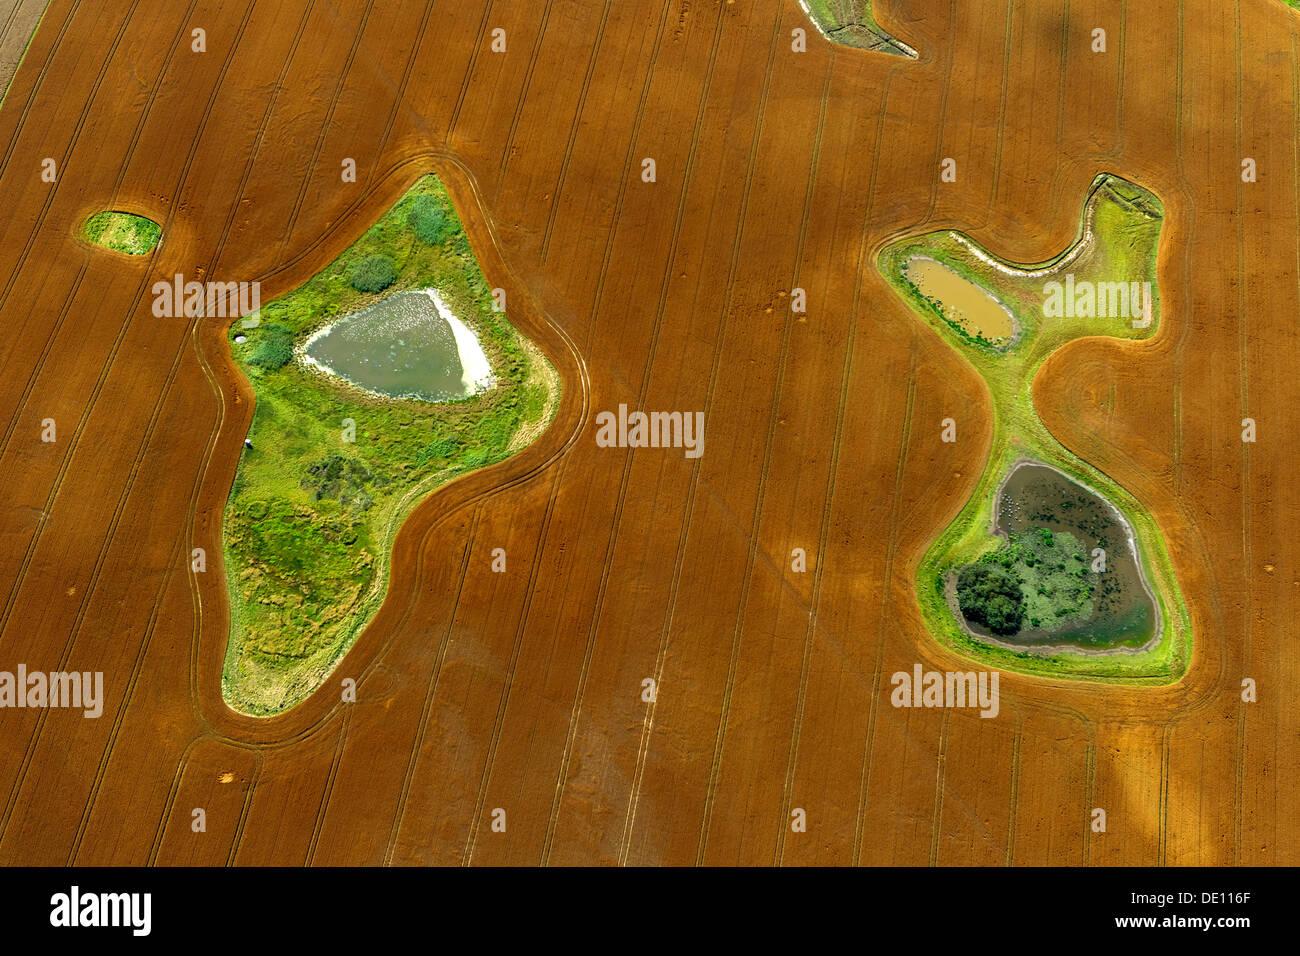 Vista aérea, campo cosechado con estanques islas y prado. Imagen De Stock